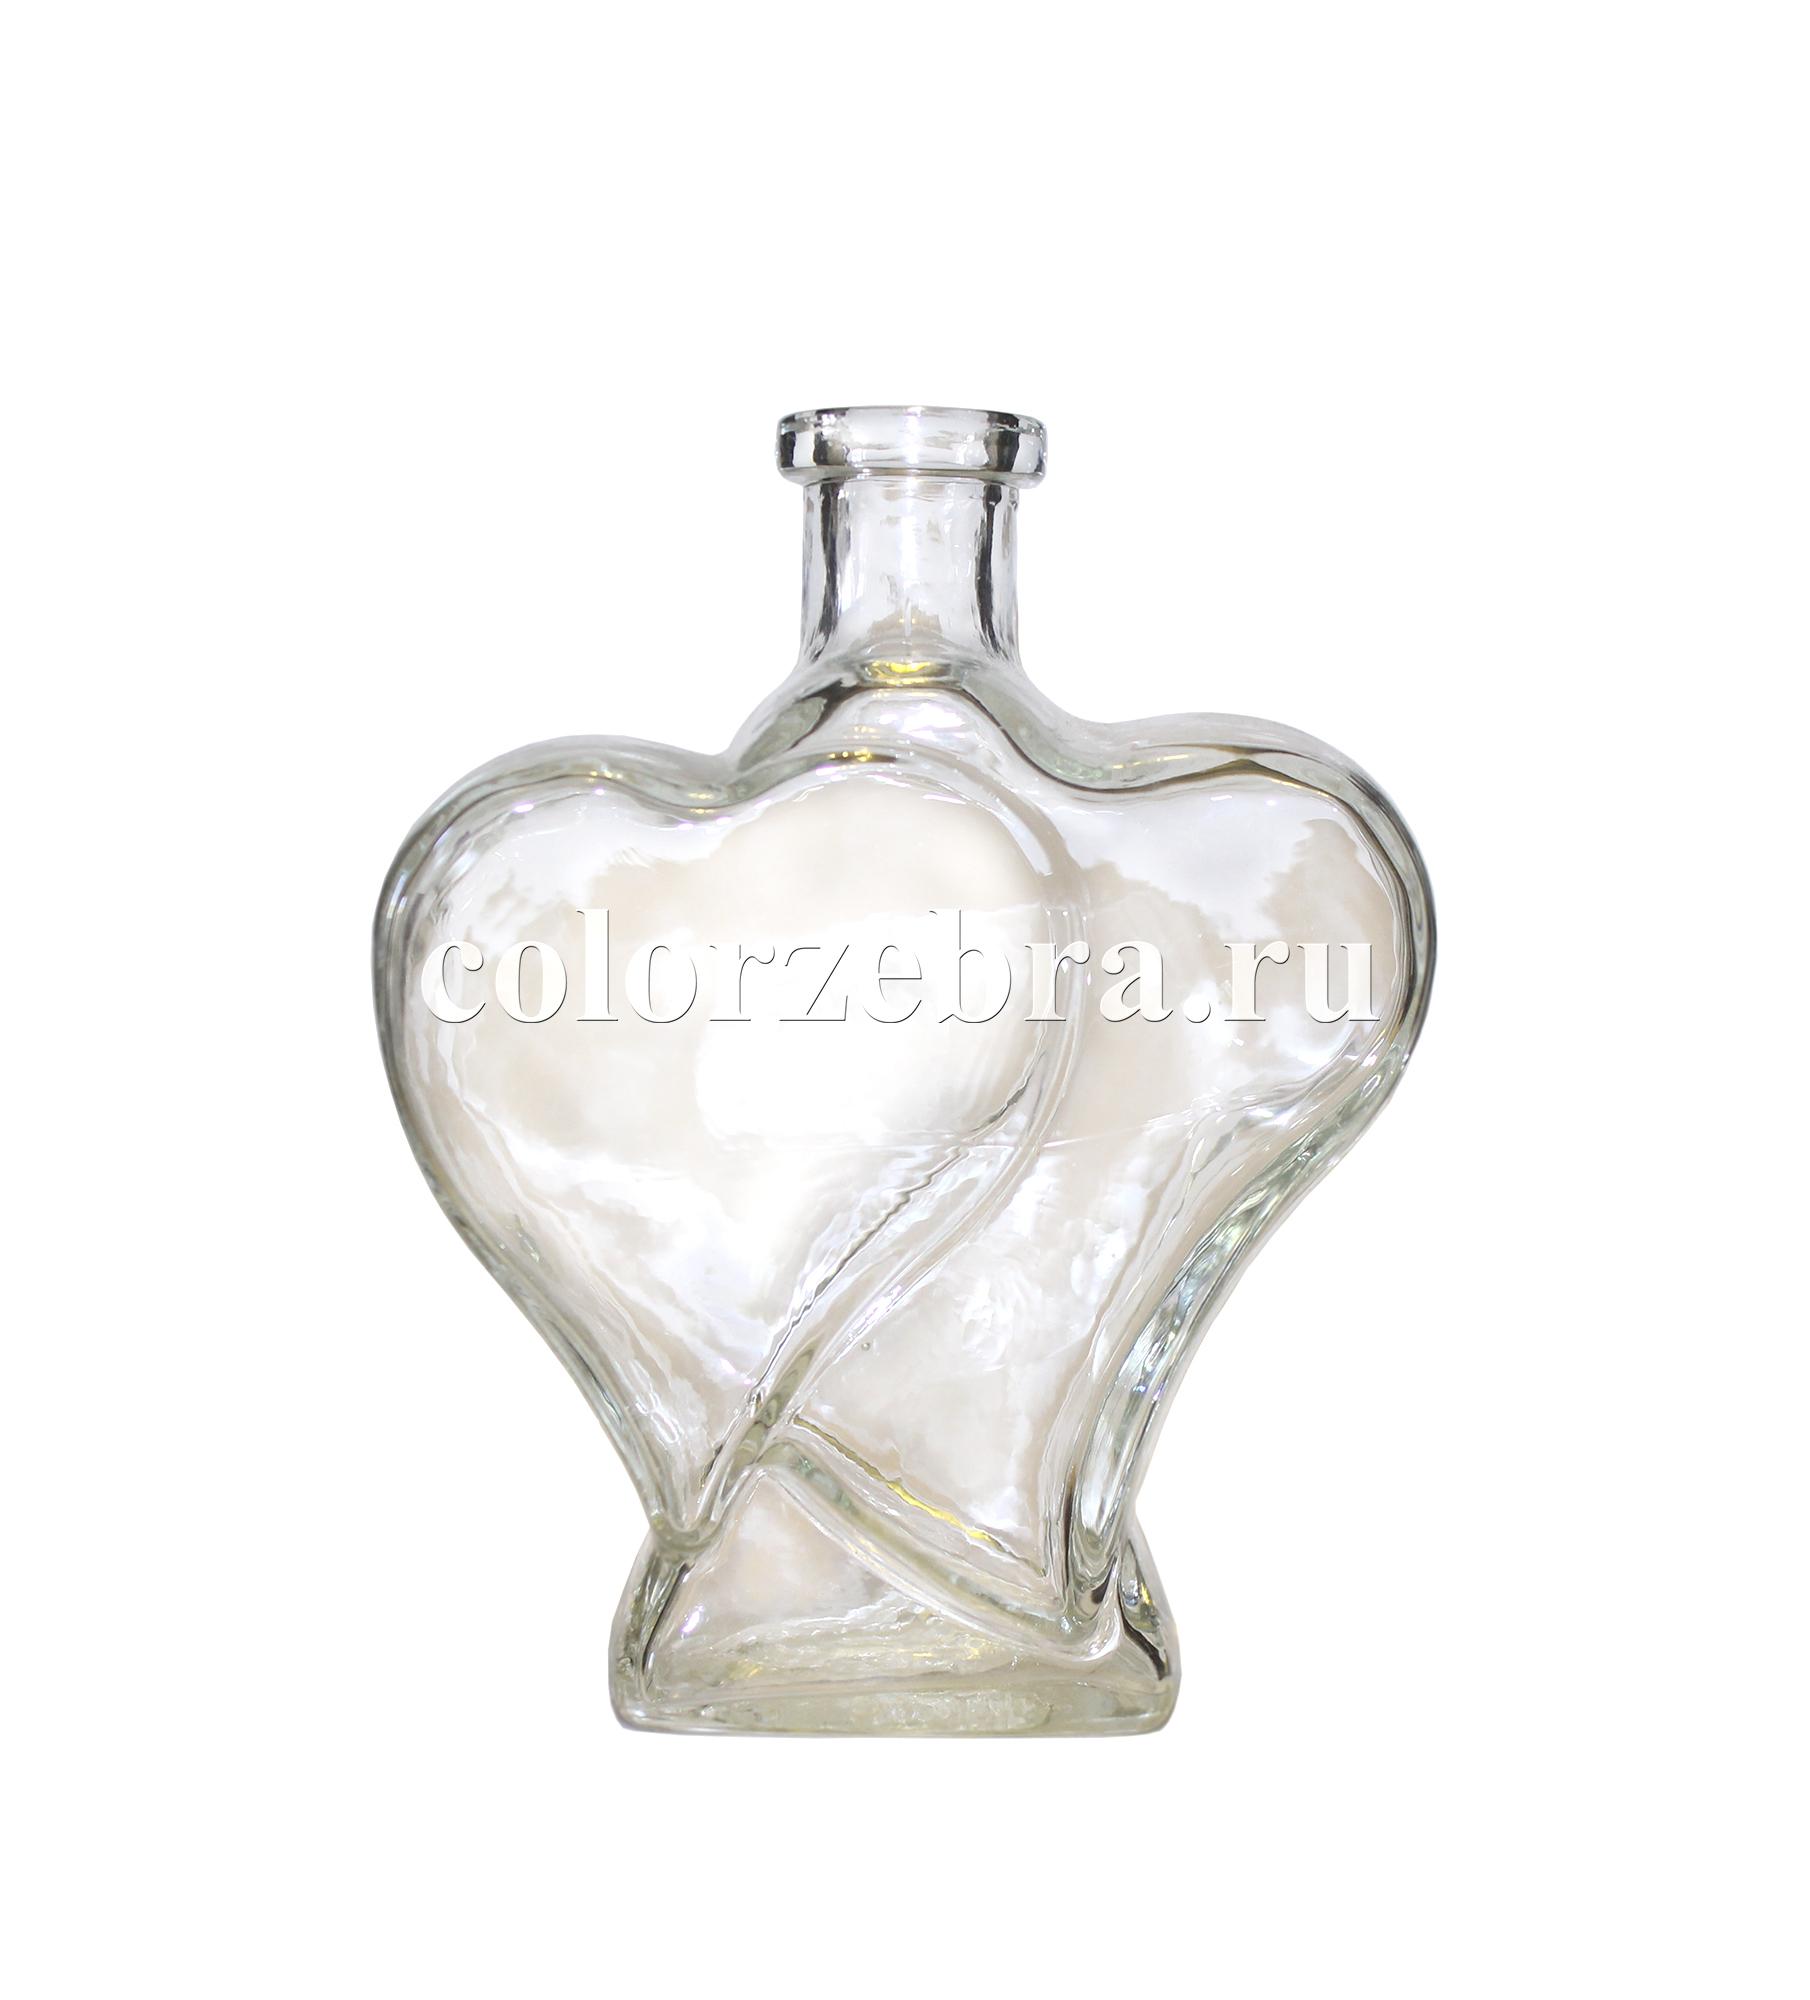 Сосуд, быутылка для песочной церемонии в форме сердца